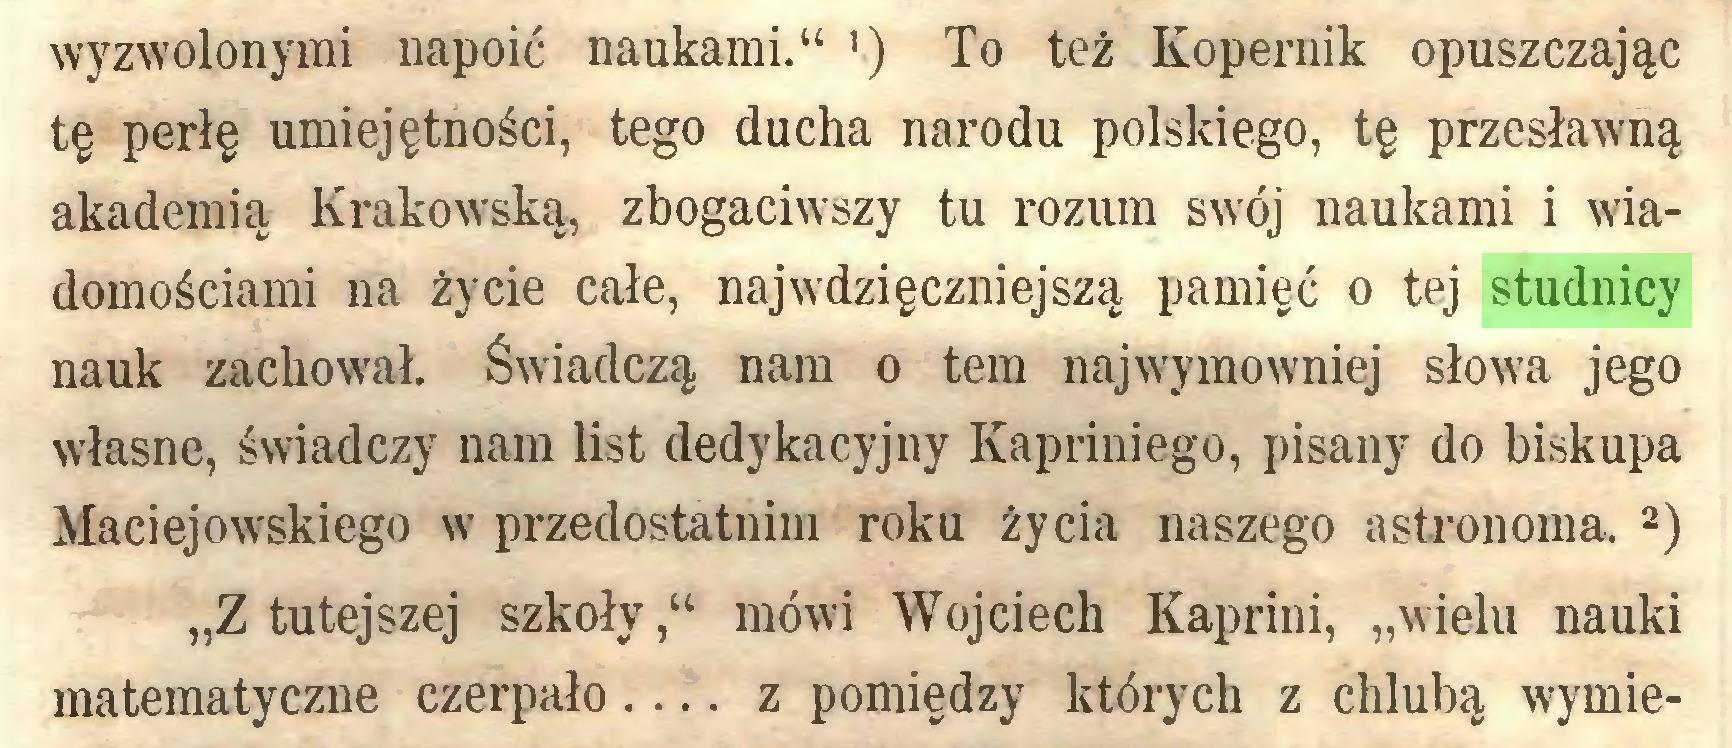 """(...) wyzwolonymi napoić naukami."""" ') To też Kopernik opuszczając tę perłę umiejętności, tego ducha narodu polskiego, tę przesławną akademią Krakowską, zbogaciwszy tu rozum swój naukami i wiadomościami na życie całe, najwdzięczniejszą pamięć o tej studnicy nauk zachowrał. Świadczą nam o tem najwymowniej słowa jego własne, świadczy nam list dedykacyjny Kapriniego, pisany do biskupa Maciejowskiego w przedostatnim roku życia naszego astronoma, 1 2) """"Z tutejszej szkoły,"""" mówi Wojciech Kaprini, """"wielu nauki matematyczne czerpało... z pomiędzy których z chlubą wymie..."""